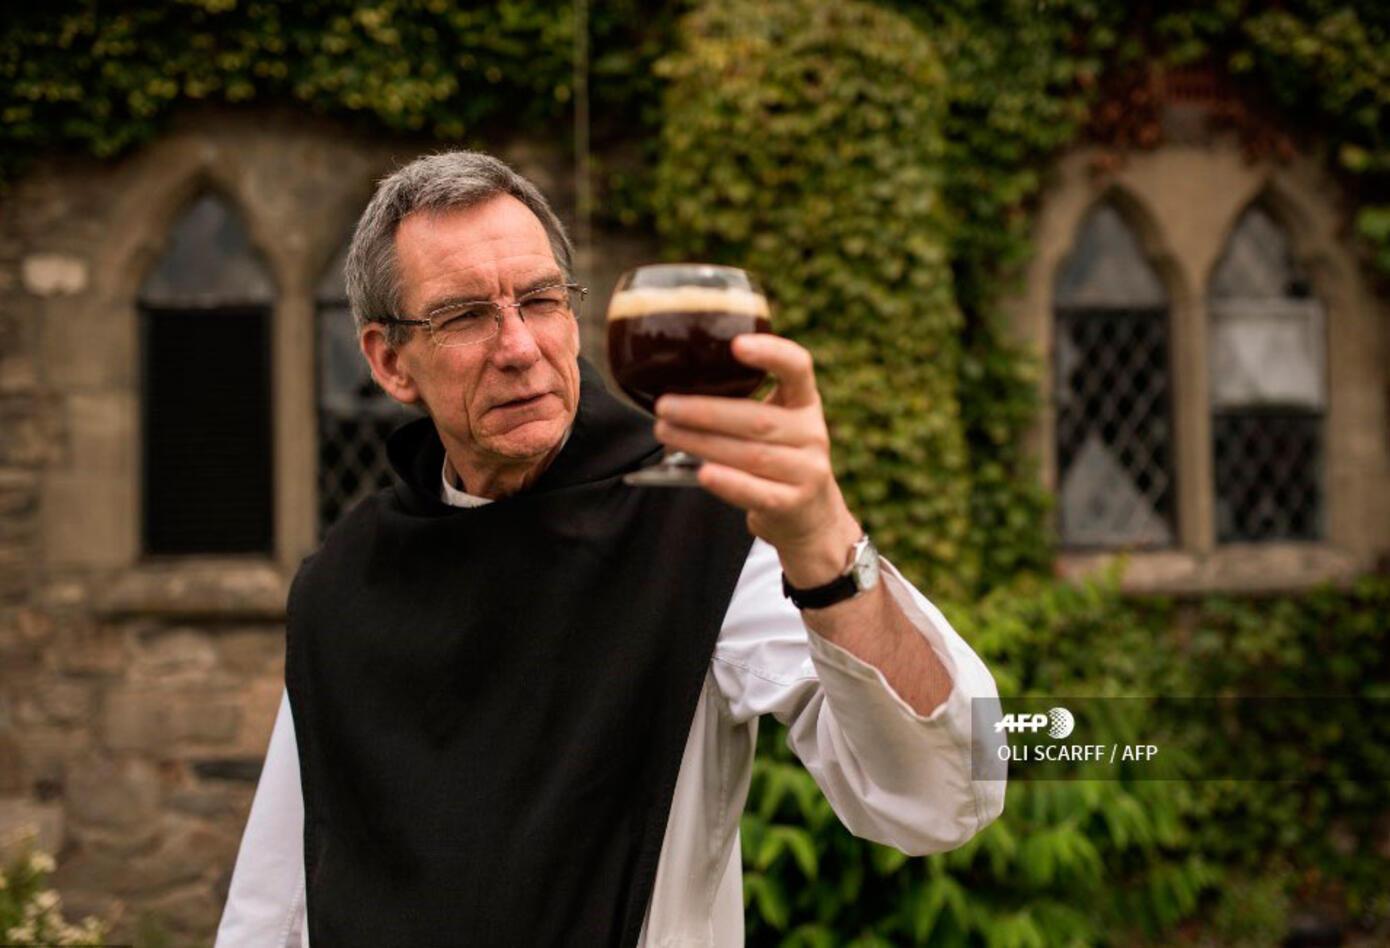 El monasterio de unos veinte monjes decidió en los últimos años abandonar la leche y apostar por el alcohol.